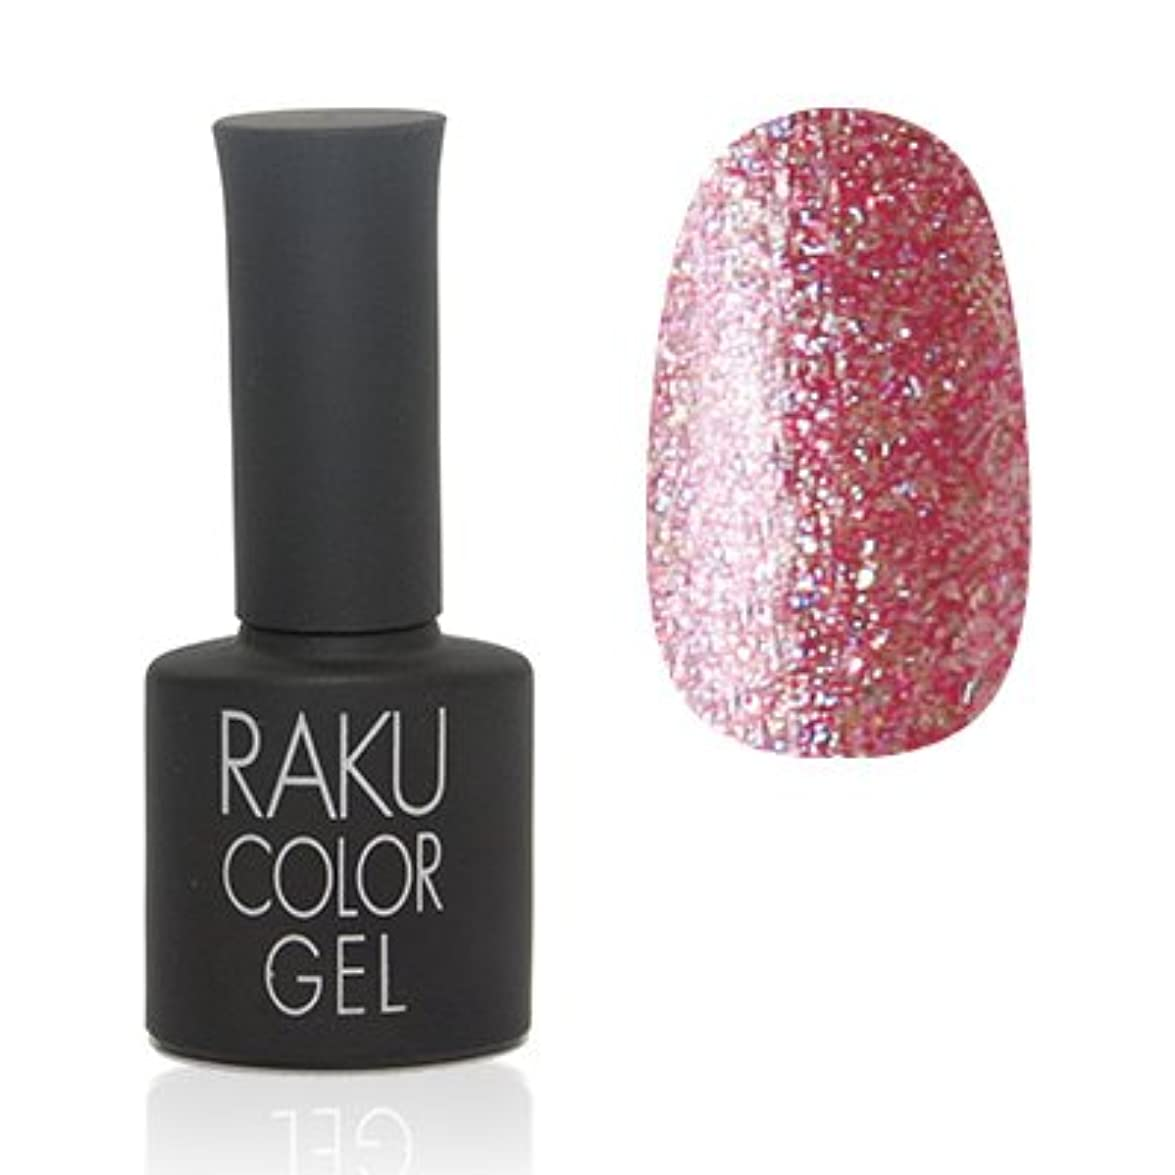 どこにも振る舞うワゴンラク カラージェル(44-ピンクダイヤモンド)8g 今話題のラクジェル 素早く仕上カラージェル 抜群の発色とツヤ 国産ポリッシュタイプ オールインワン ワンステップジェルネイル RAKU COLOR GEL #44